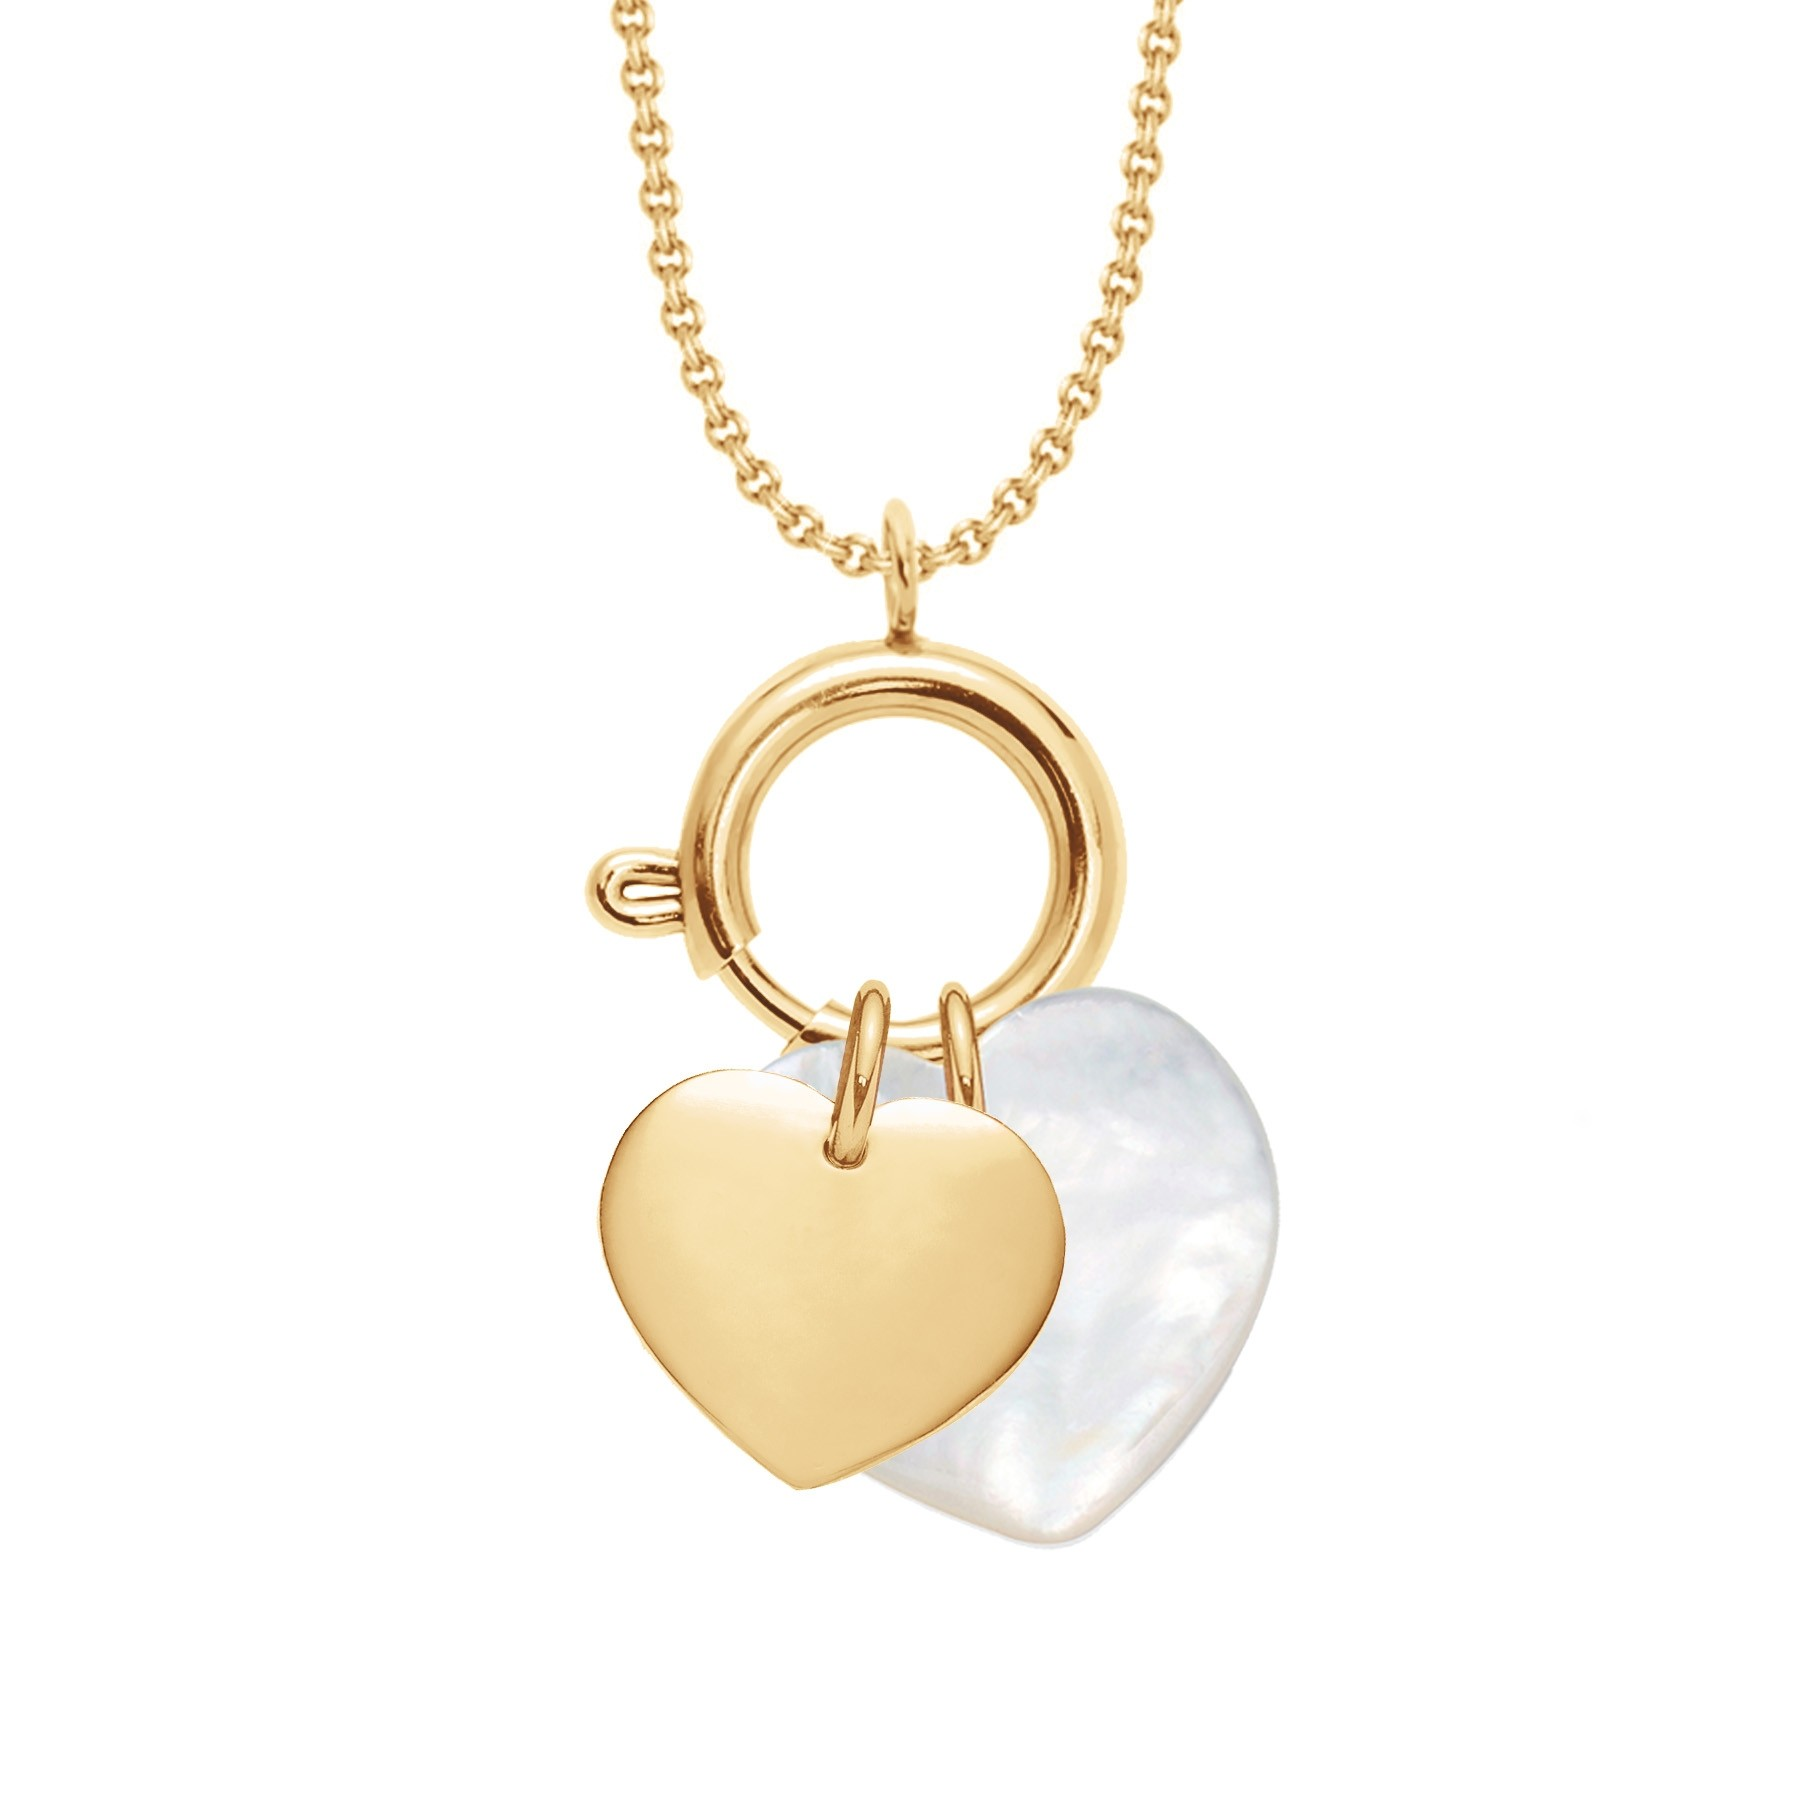 UN COLLIER-FERMOIR BIJOU, un cœur plaqué or et un cœur en nacre